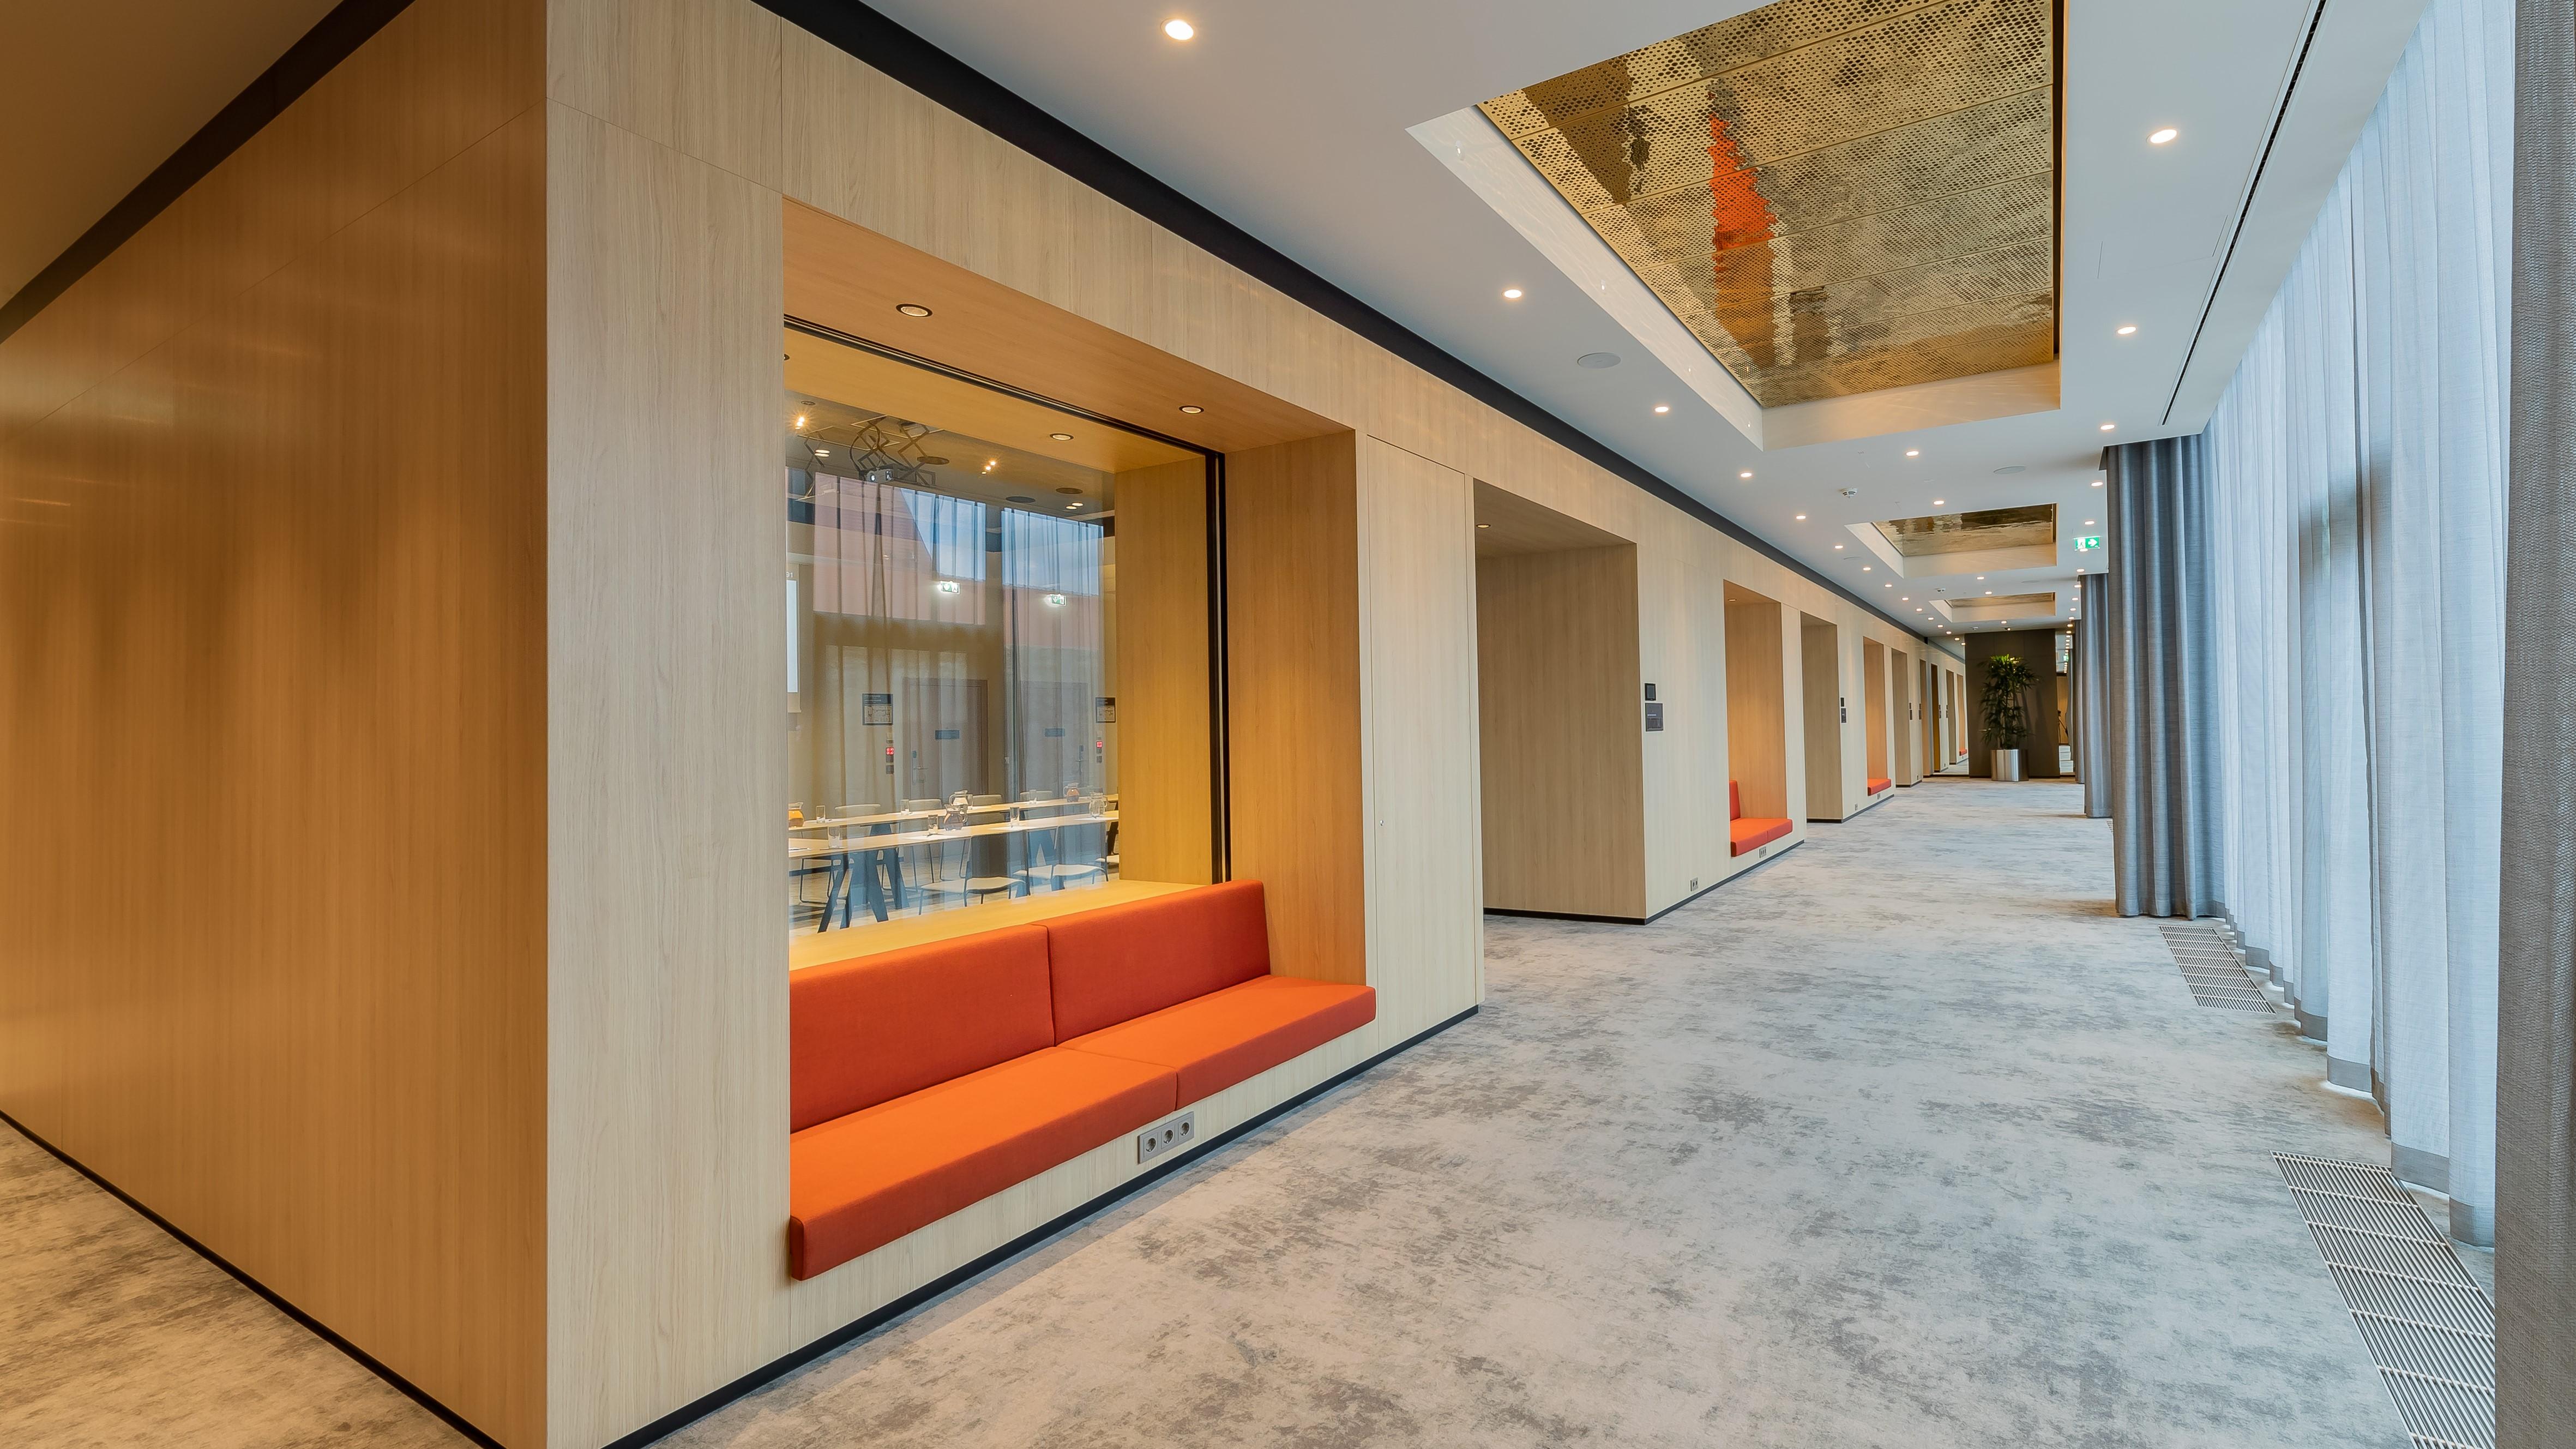 Hilton Garden Inn Hotel Wiener Neustadt-Konferenzraum Foyer